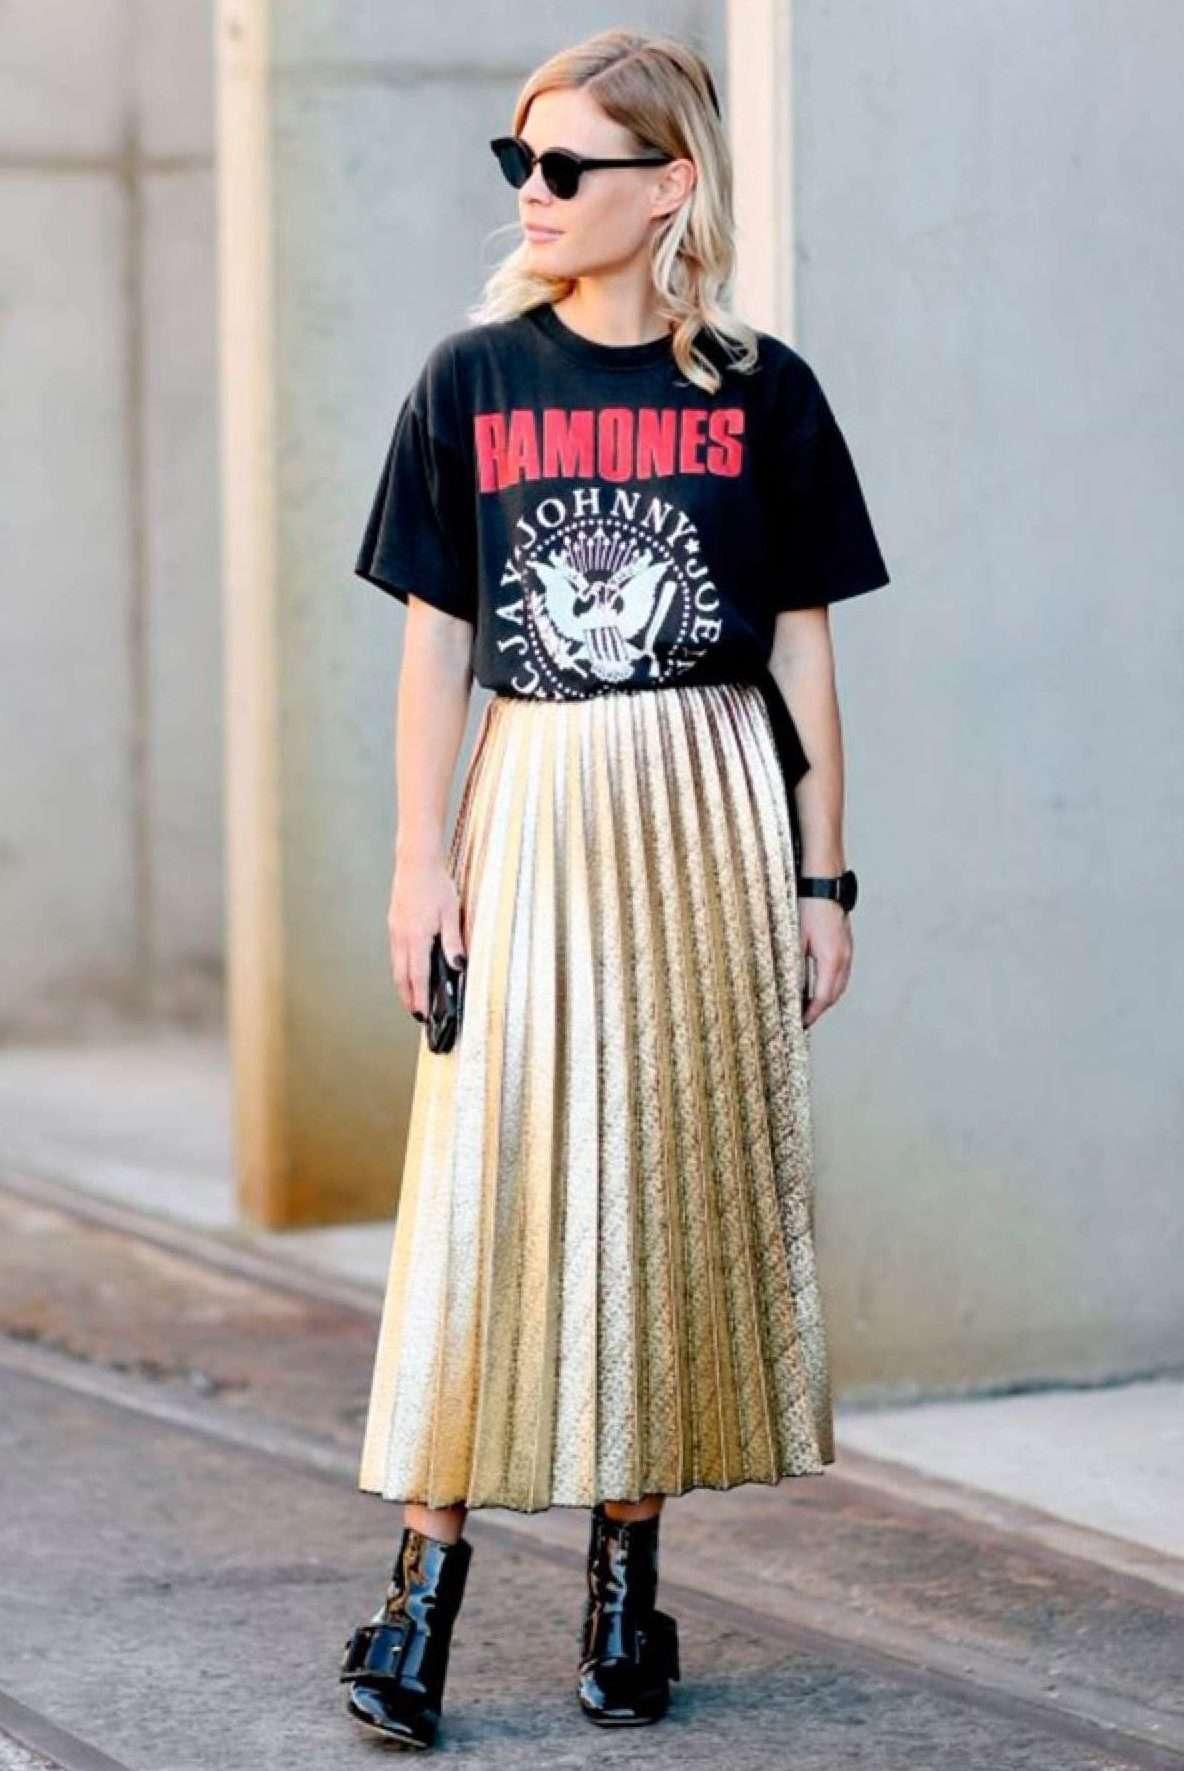 0f27932f9 Faldas midi: las faldas de moda aptas para llevar todo el año